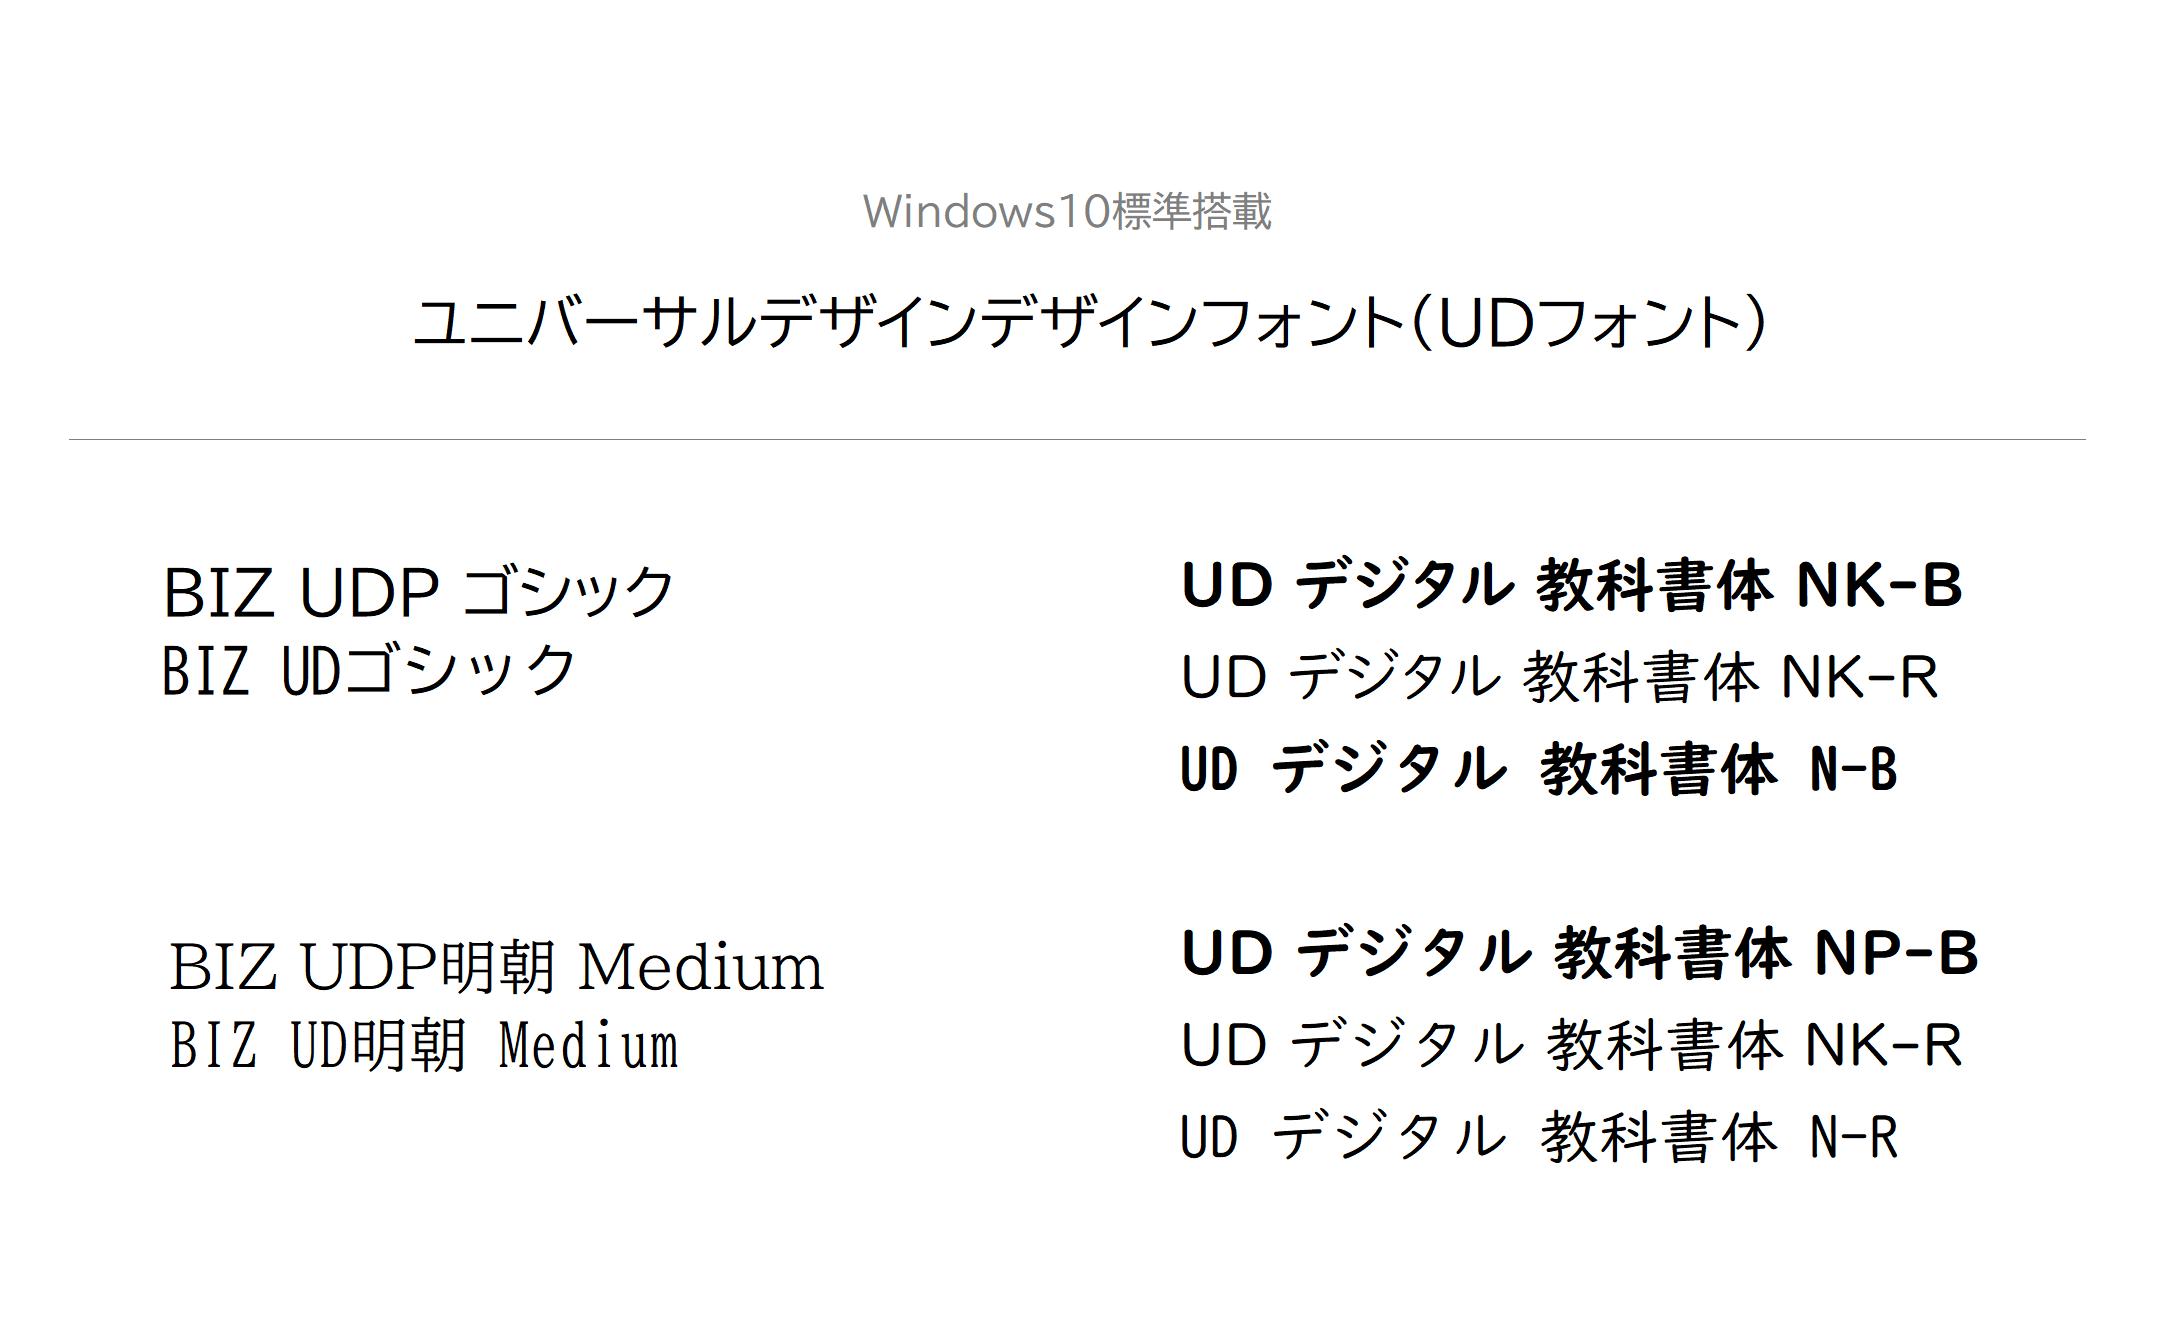 ユニバーサルデザインフォント(UDフォント)